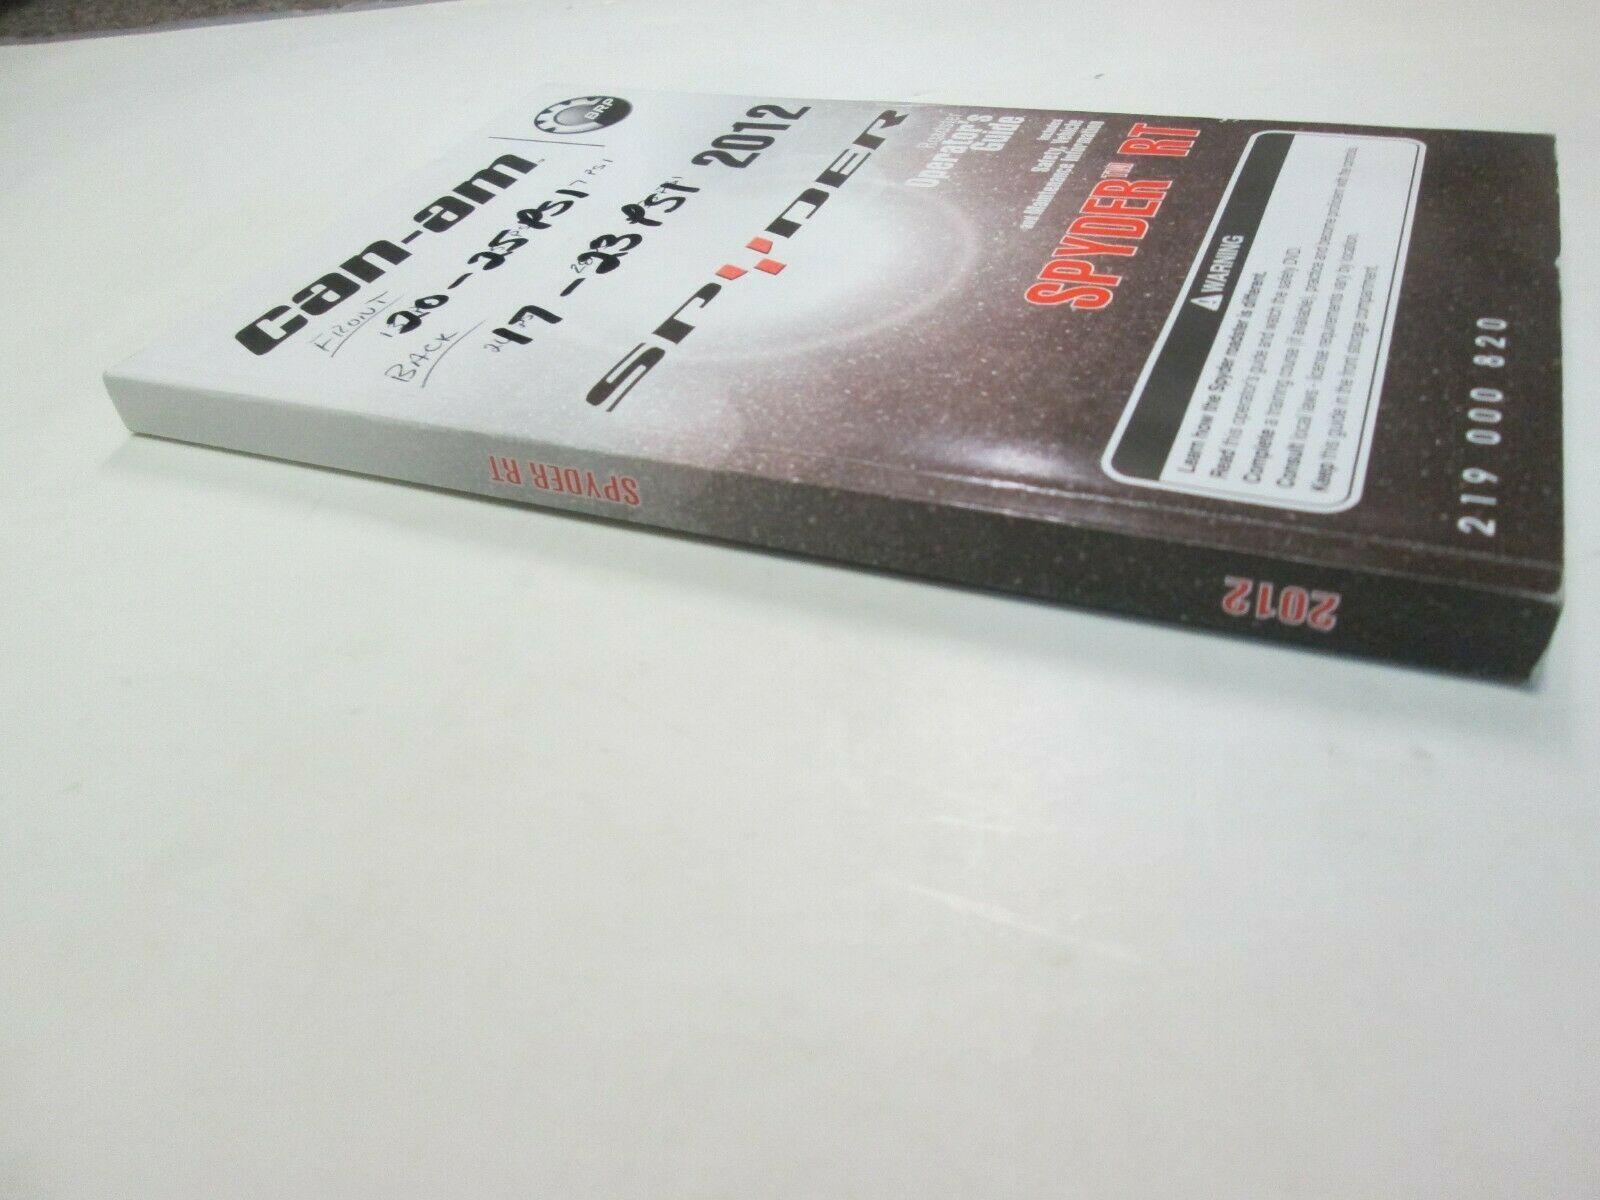 2012 Kann Spyder Rt Roadster Betreiber Führung Manuell 219000820 Fabrik OEM ***